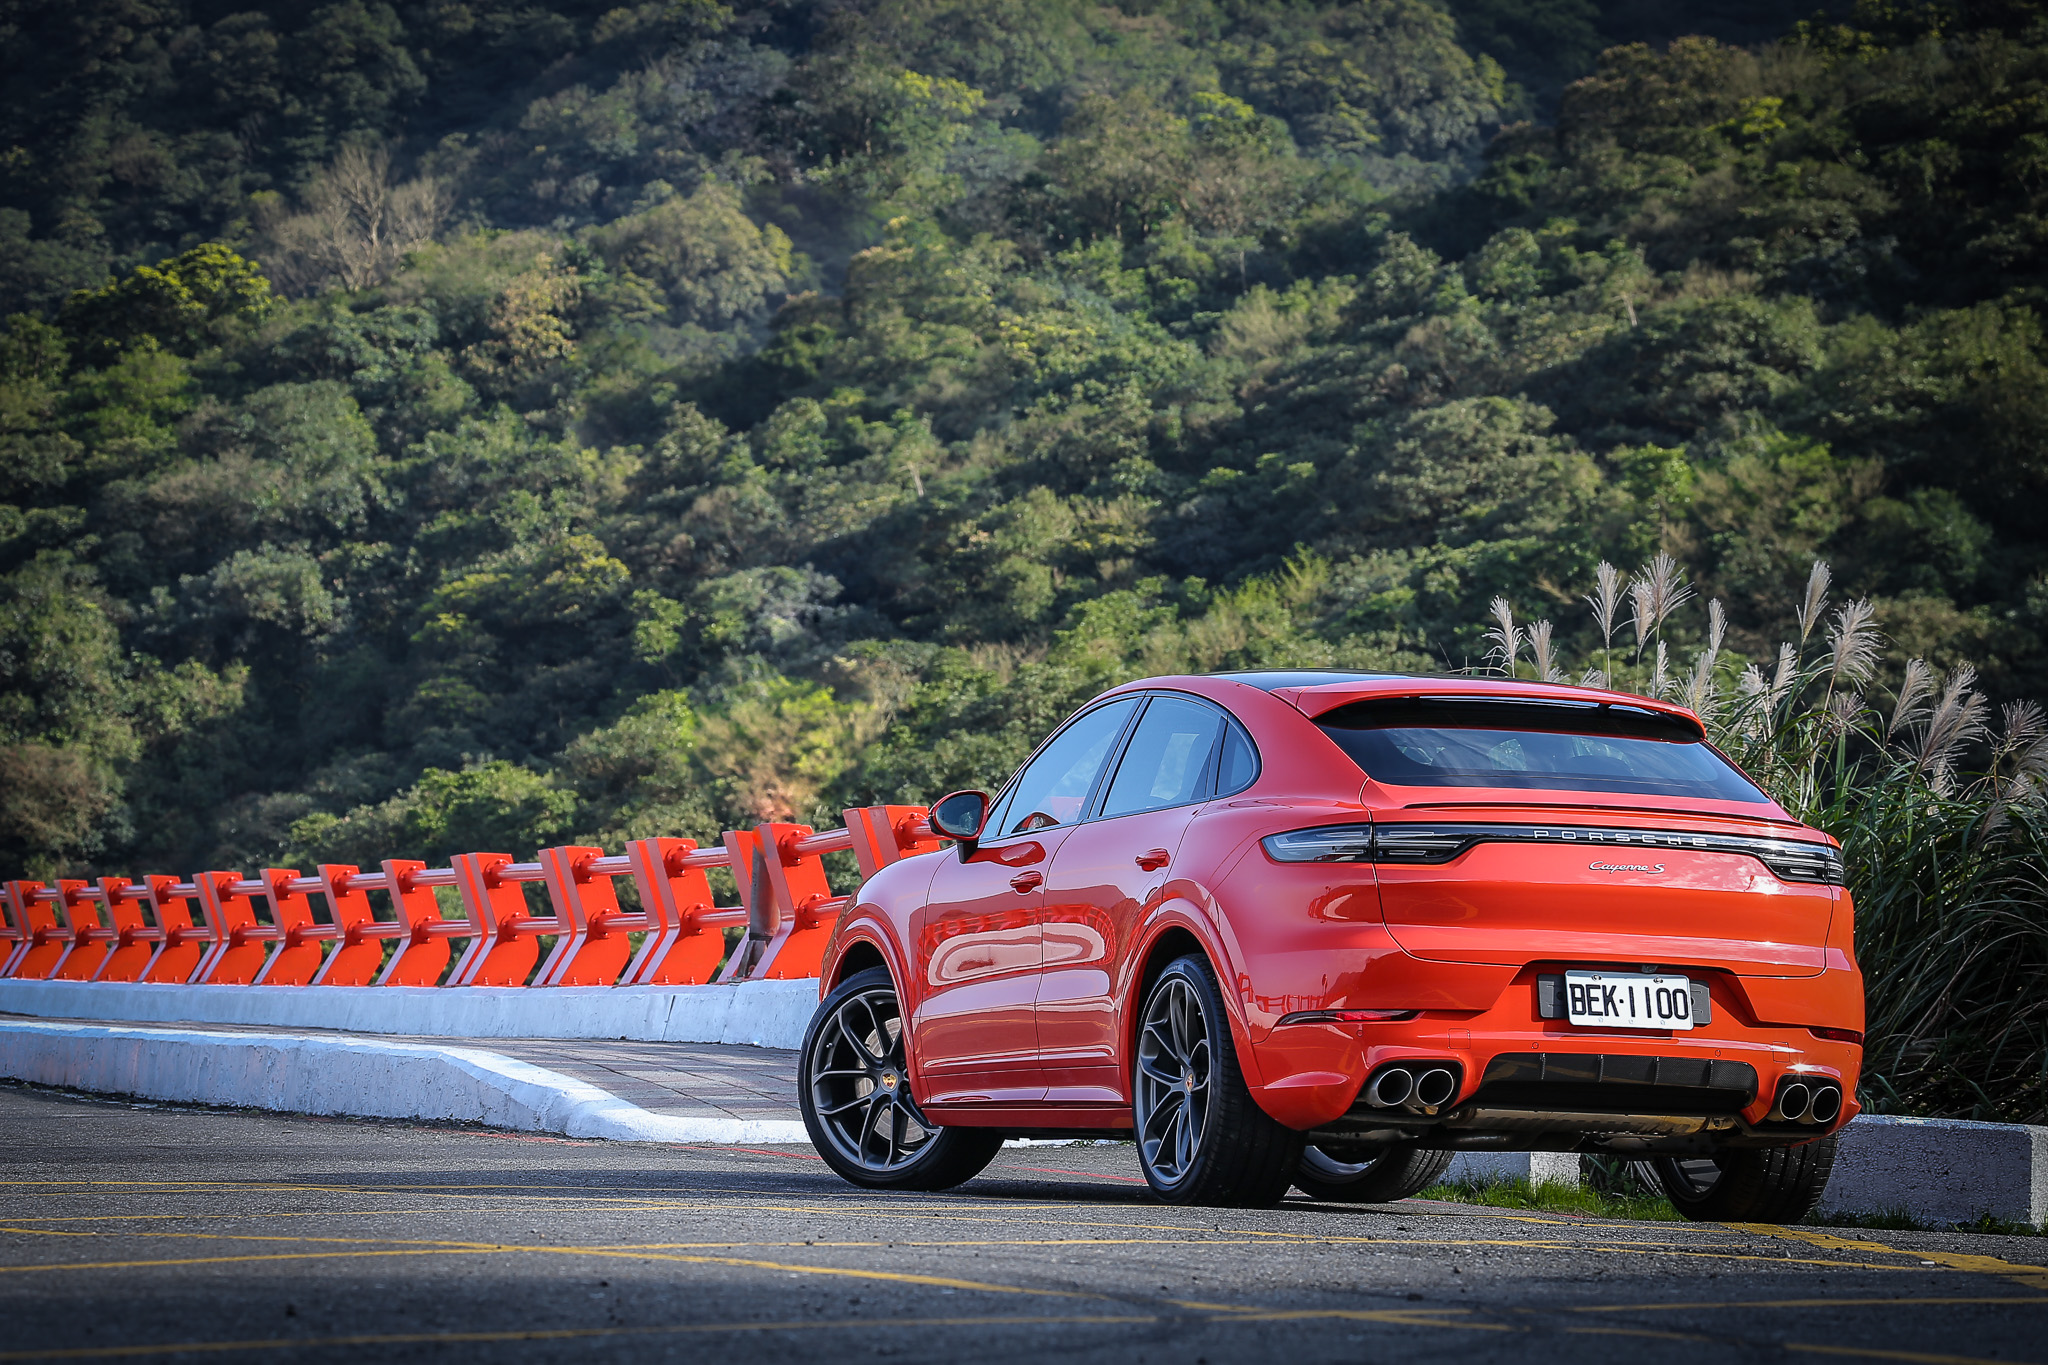 試駕主角為 Porsche Cayenne S Coupe,售價自新台幣 485 萬元起。